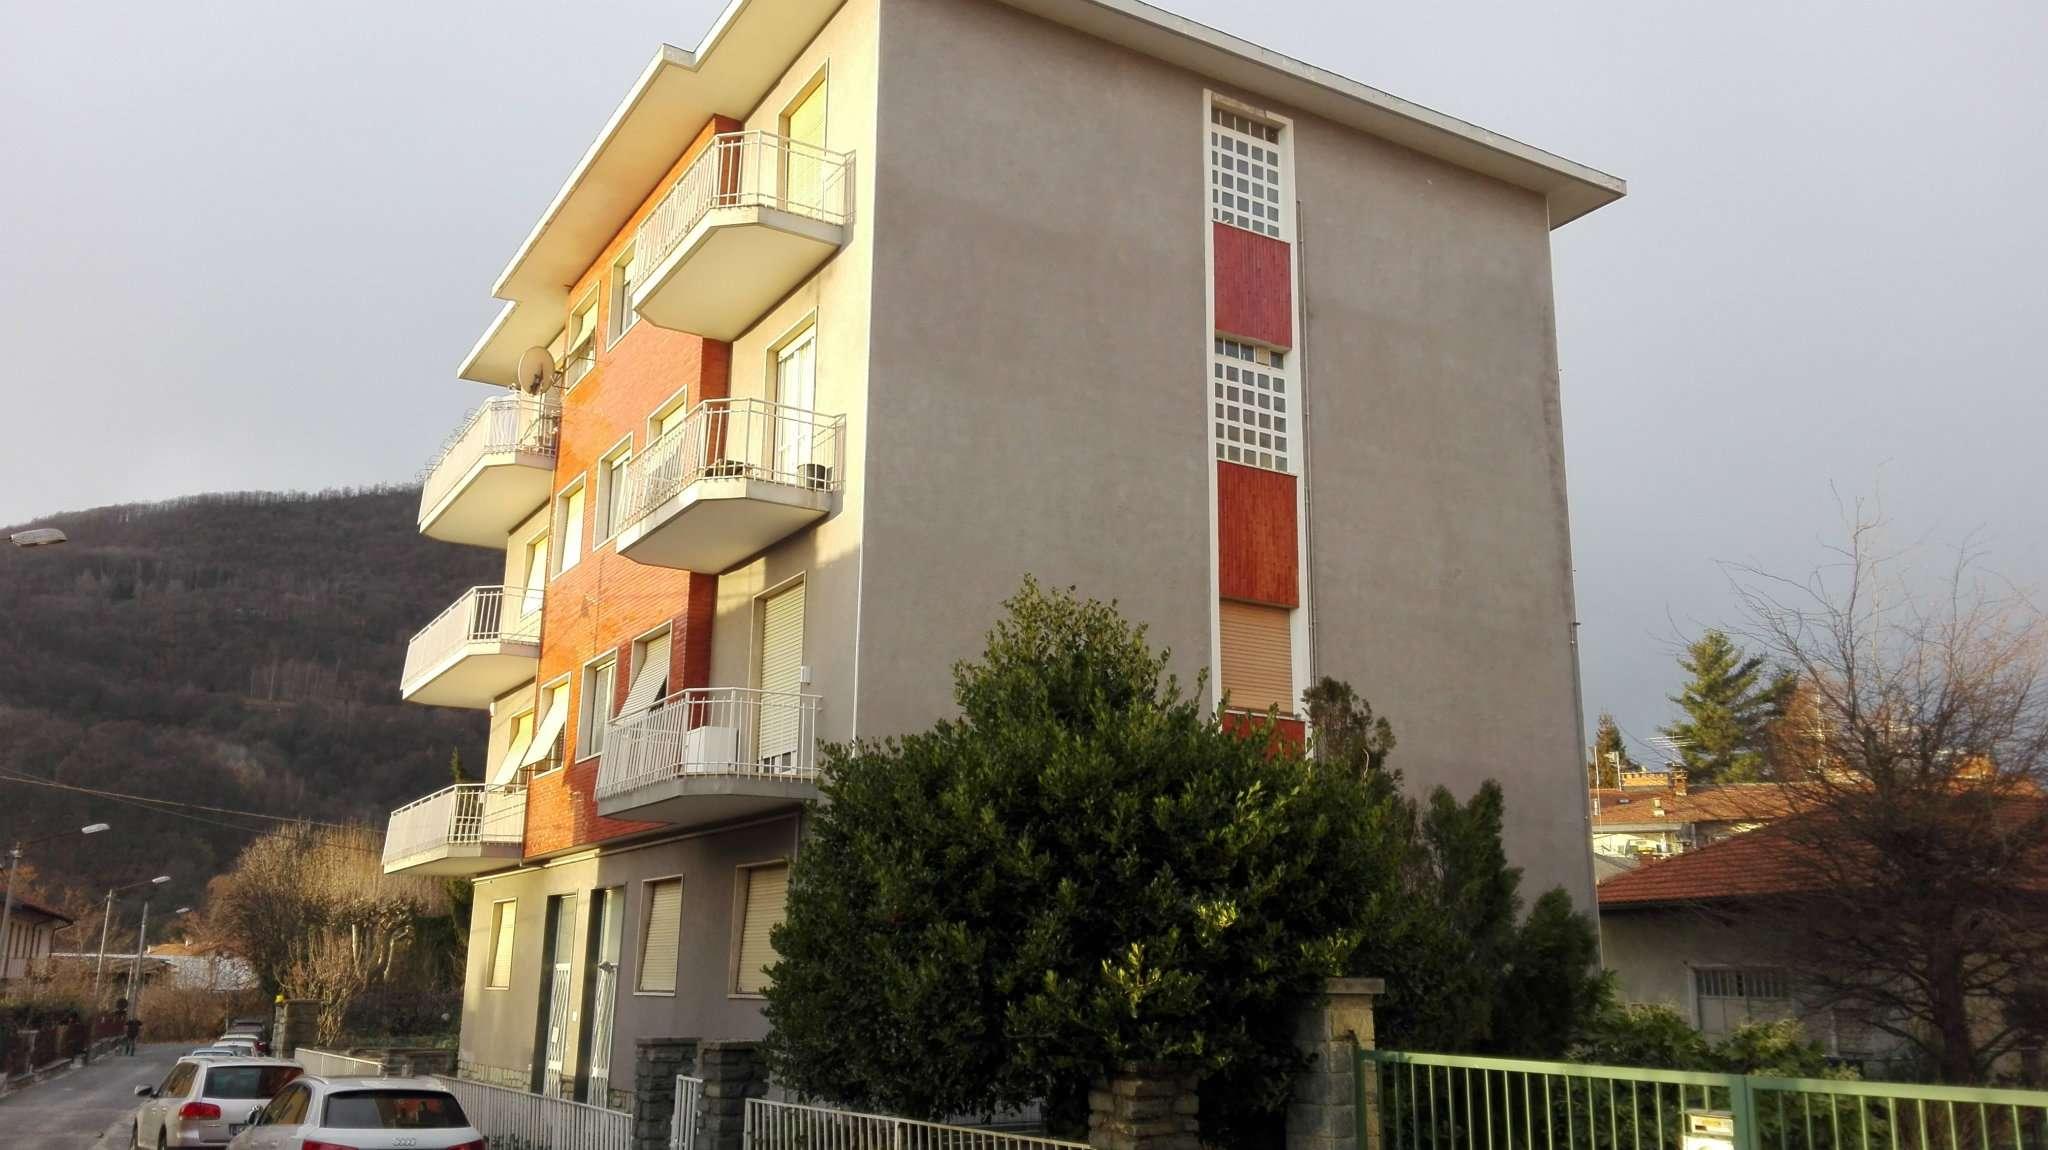 Appartamento in Affitto a Torre Pellice: 3 locali, 65 mq